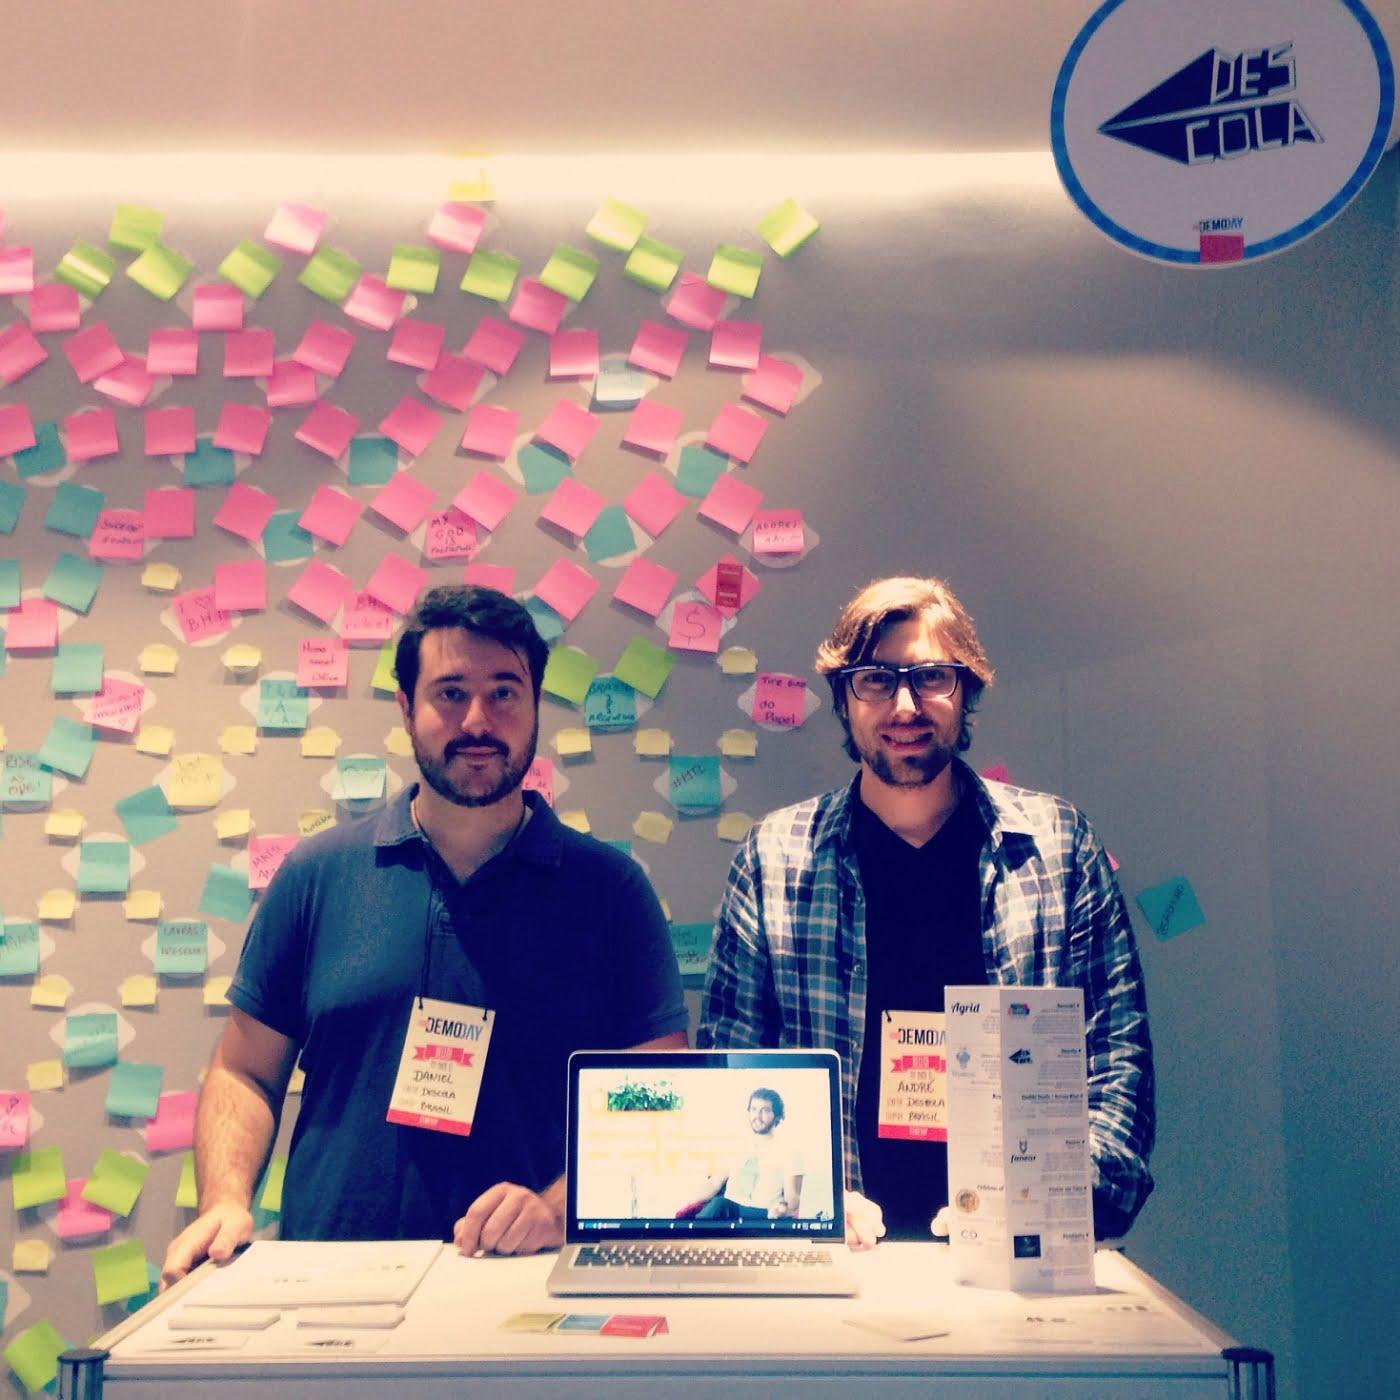 Daniel Pasqualucci e André Tanesi tocando a lojinha em evento do SEED, em Minas Gerais